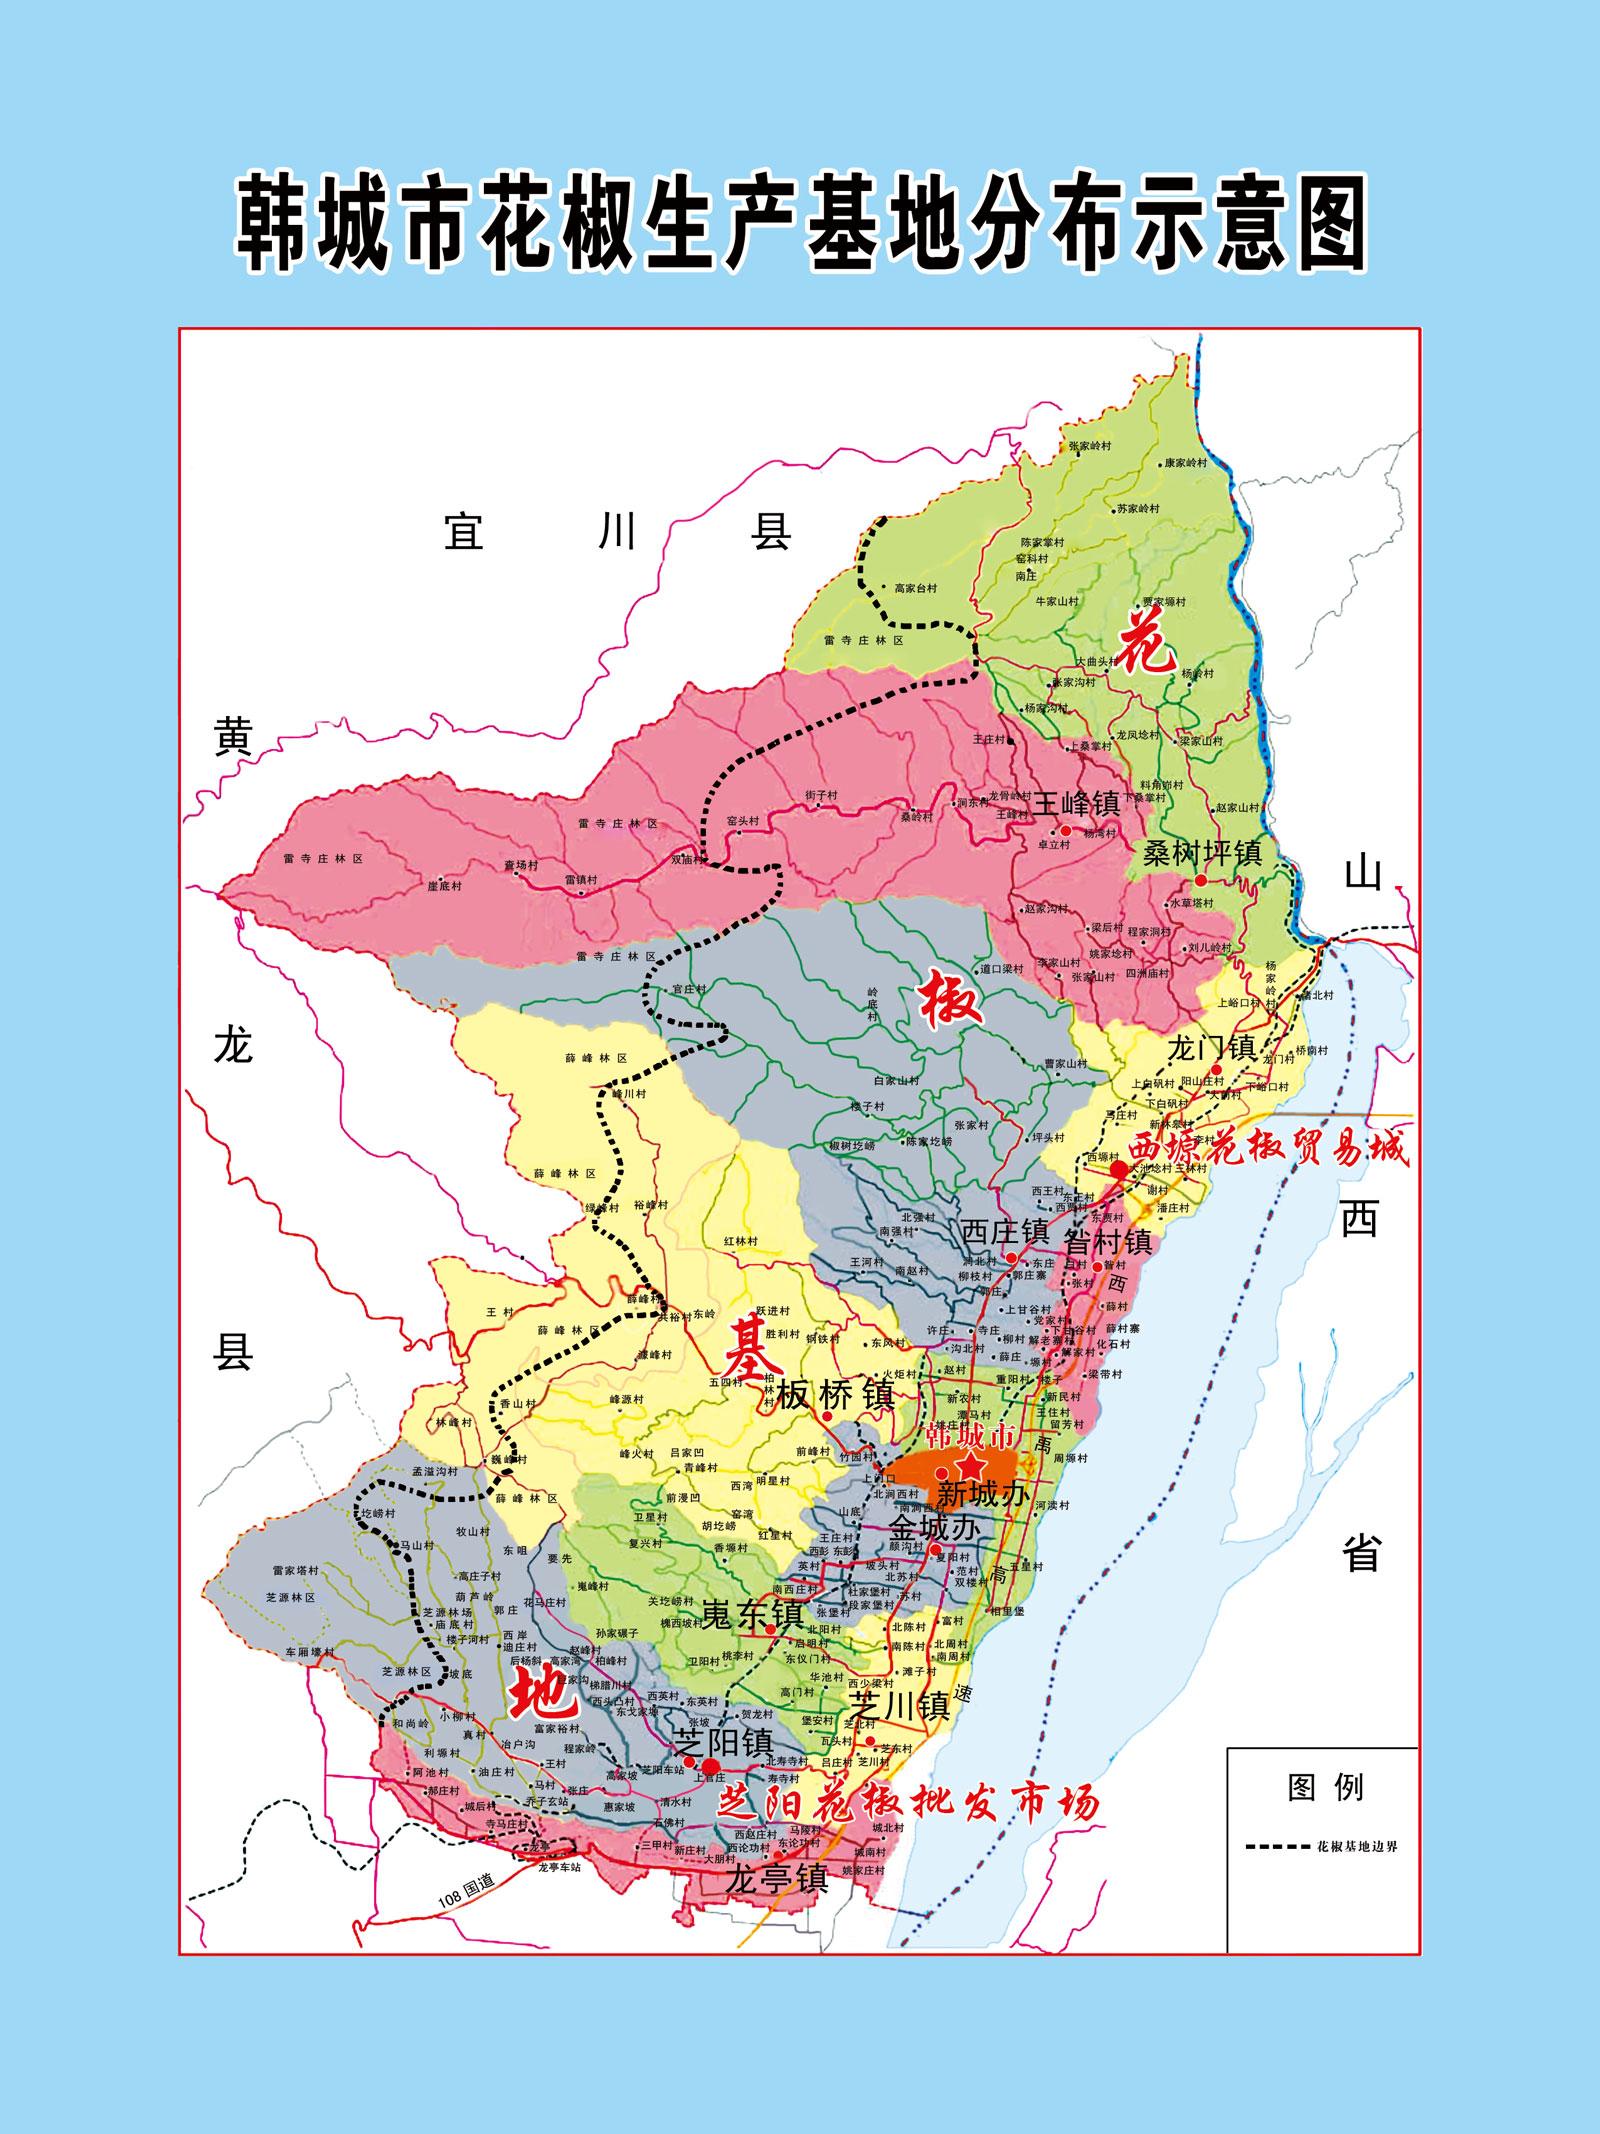 韩城市未来规划效果图